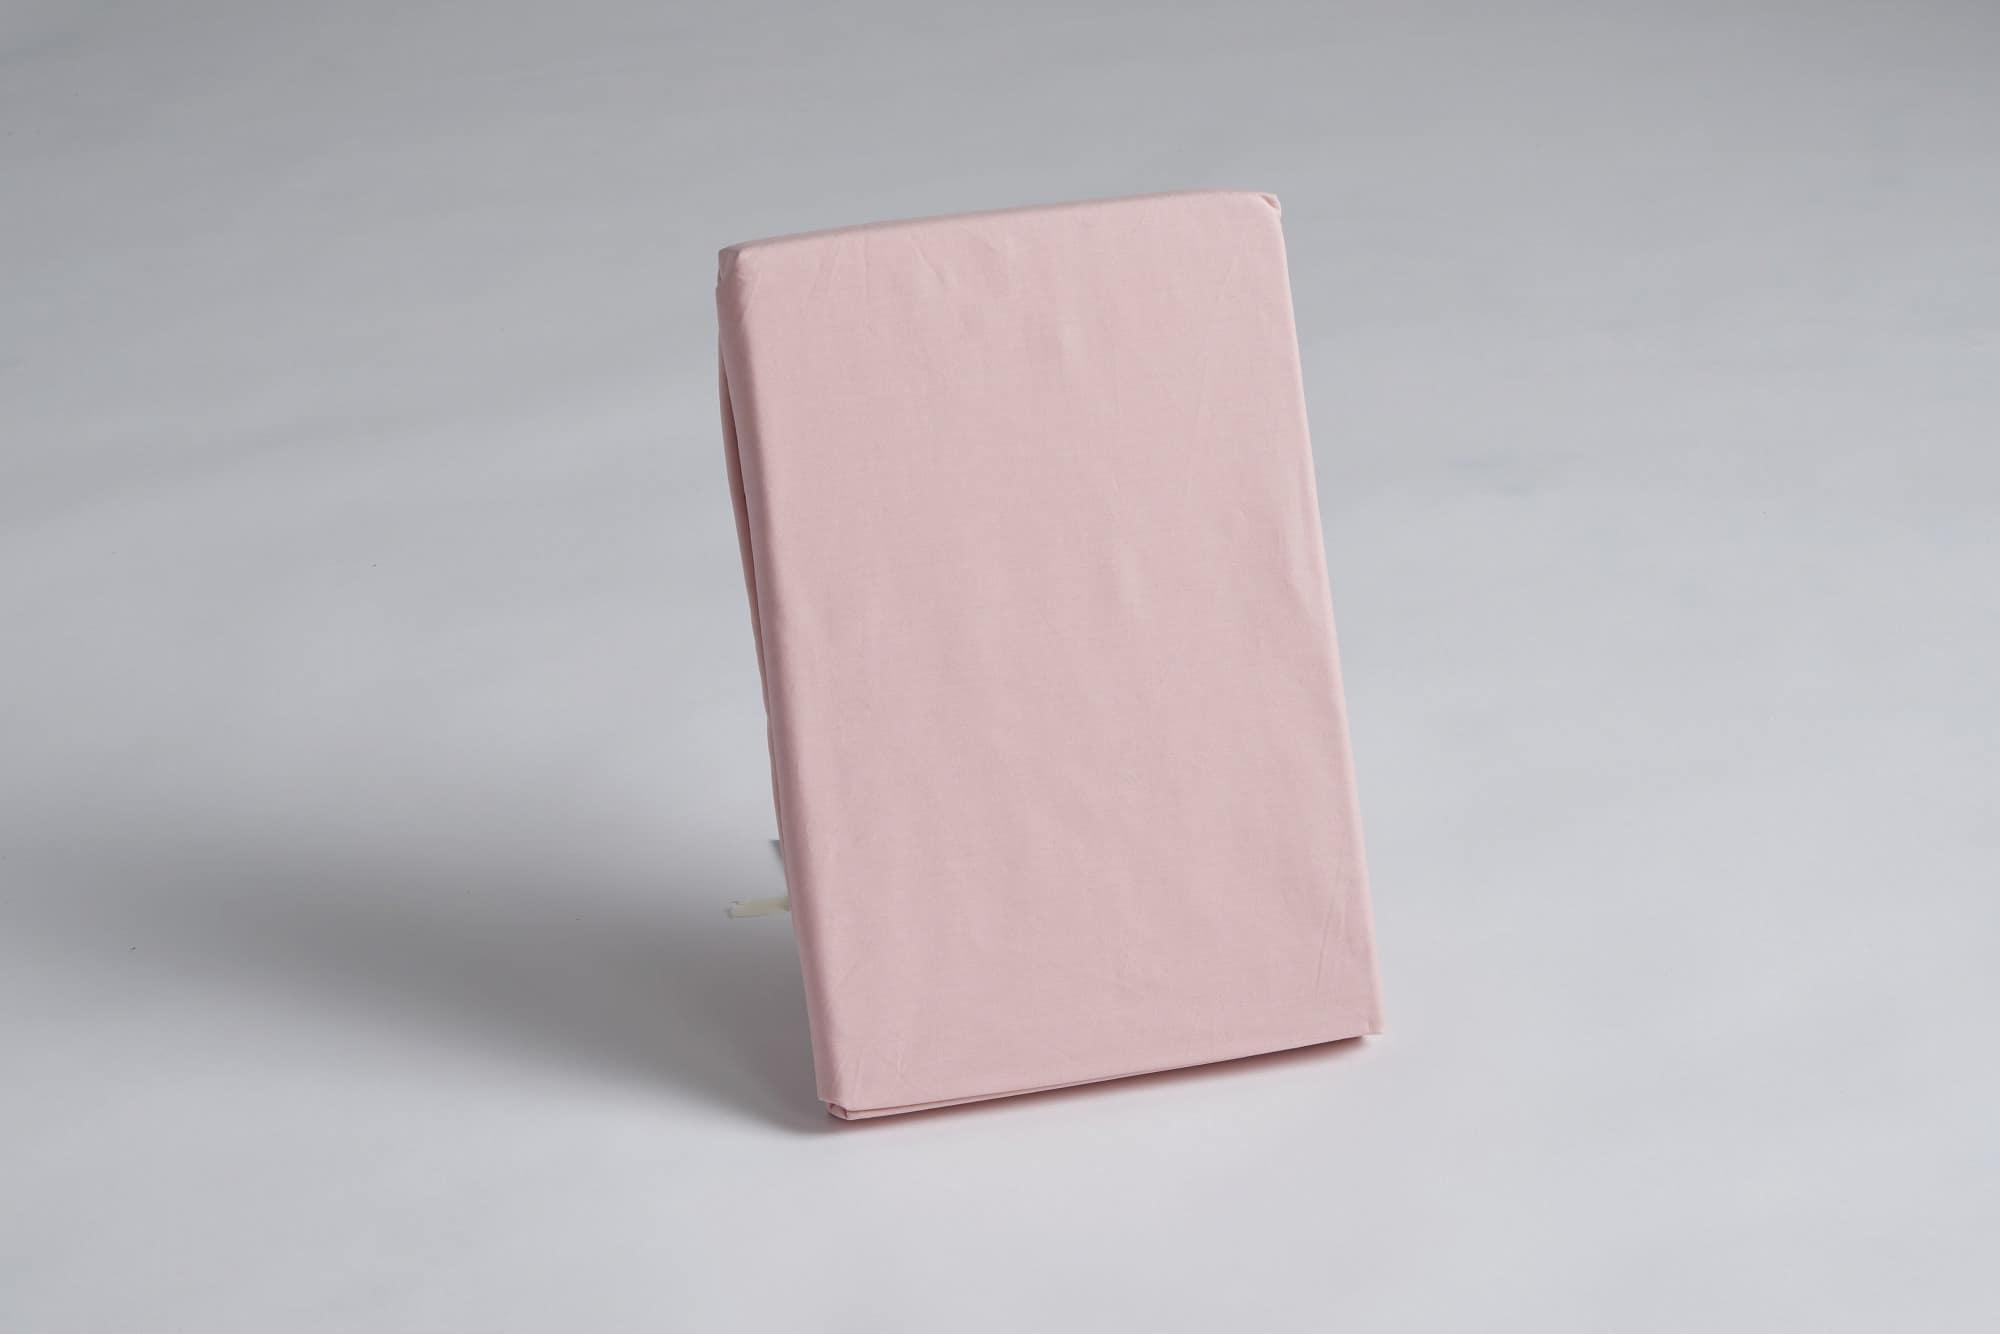 ボックスシーツ キング2用 36H ピンク:《綿100%を使用したボックスシーツ》